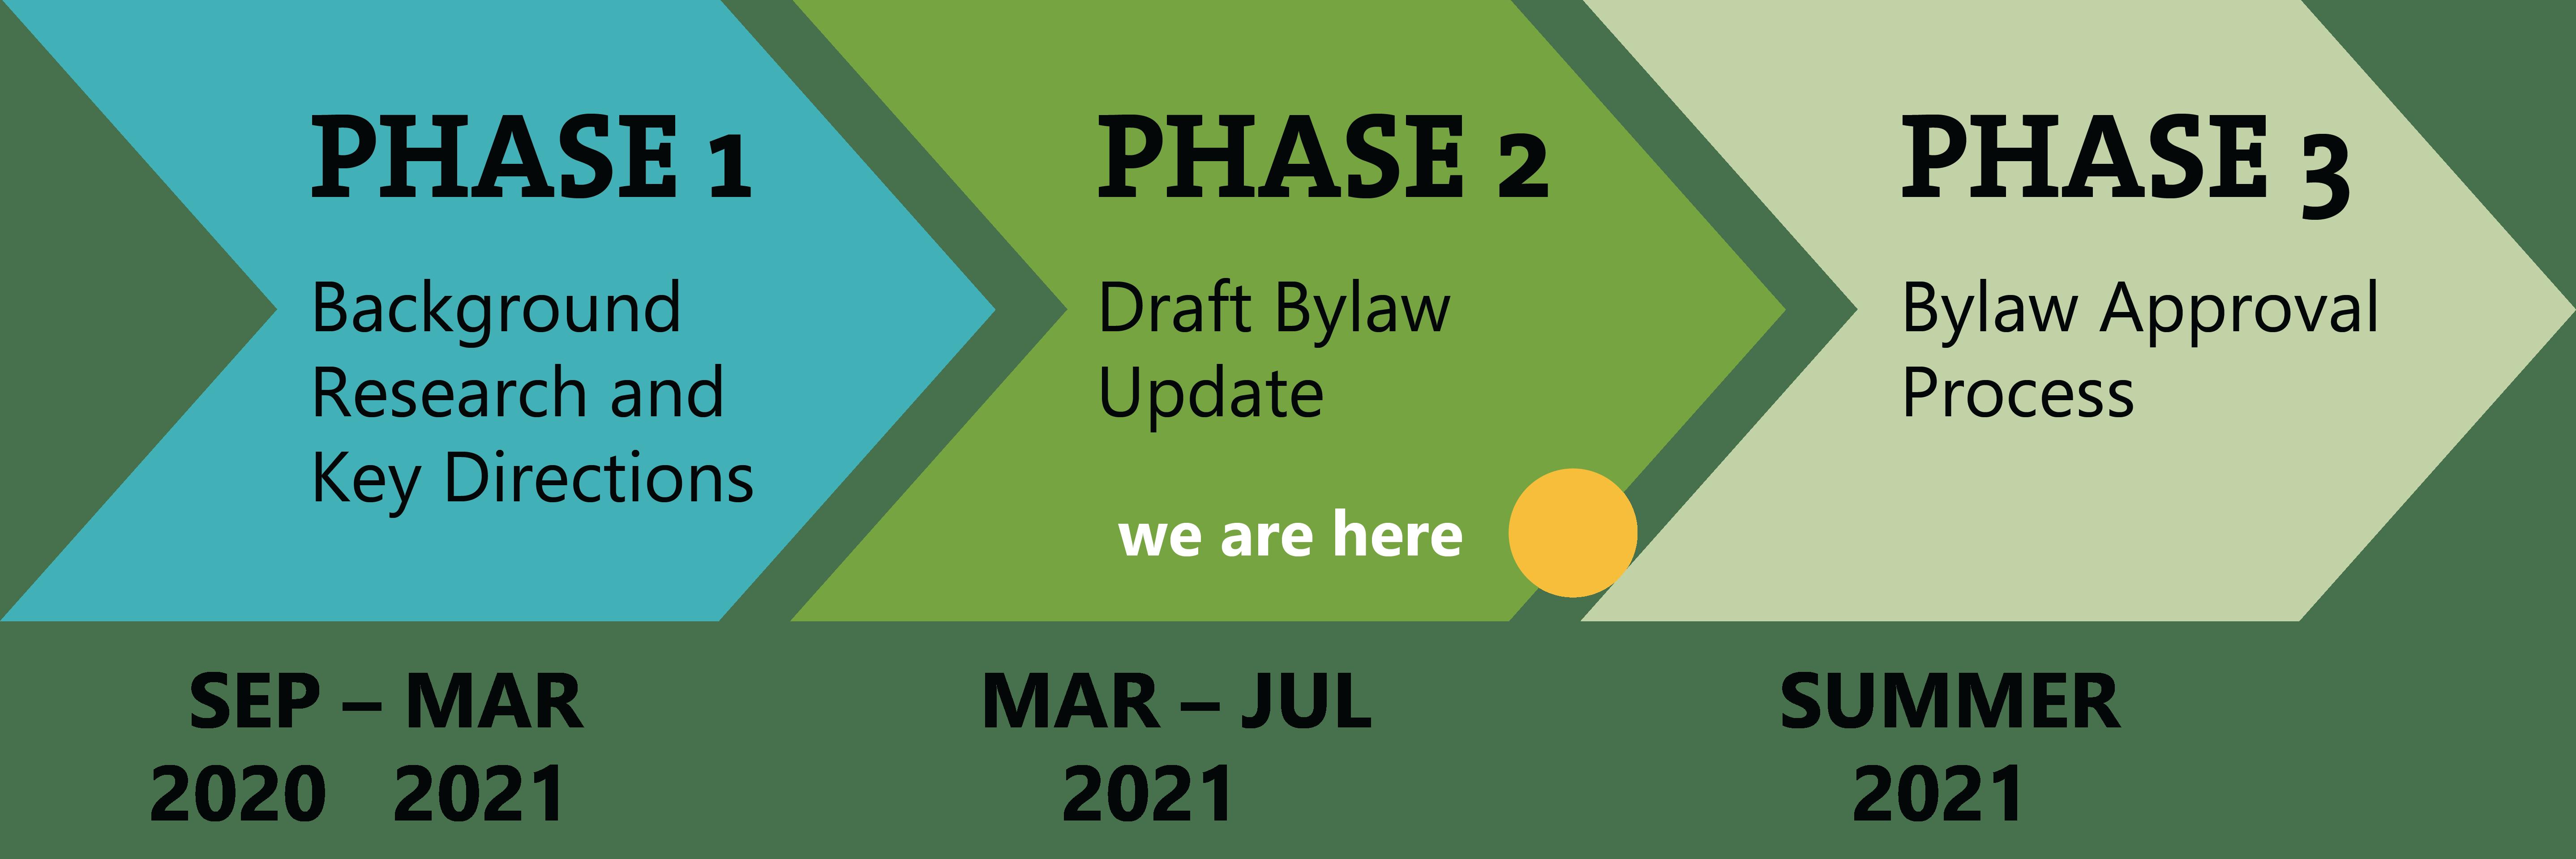 Phase 2 timeline.PNG